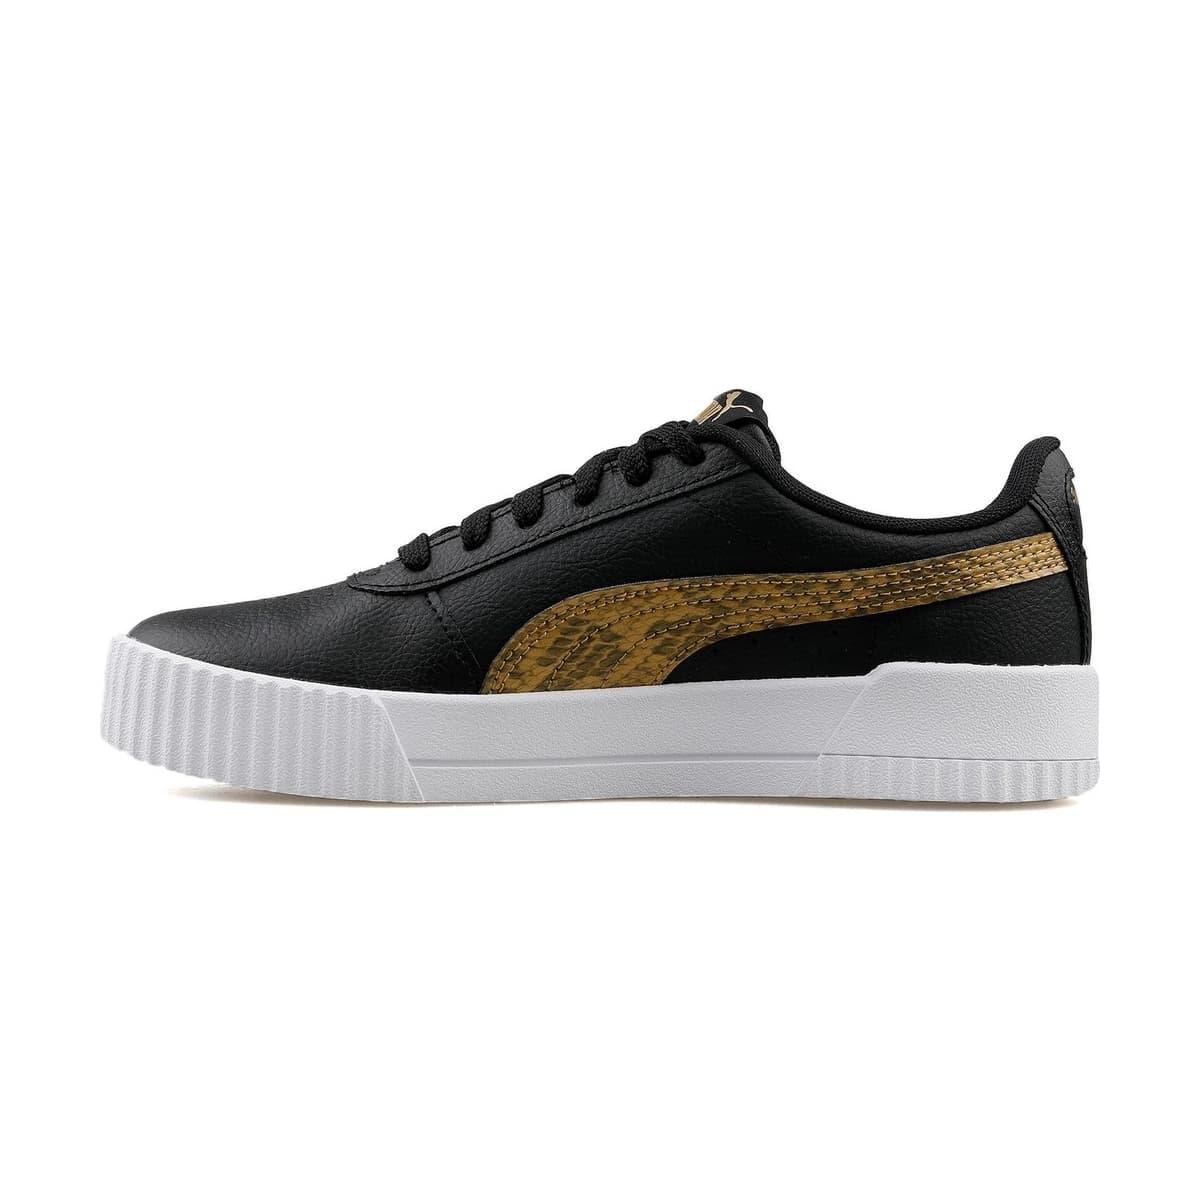 Carina Snake Kadın Siyah Spor Ayakkabı (373808-02)